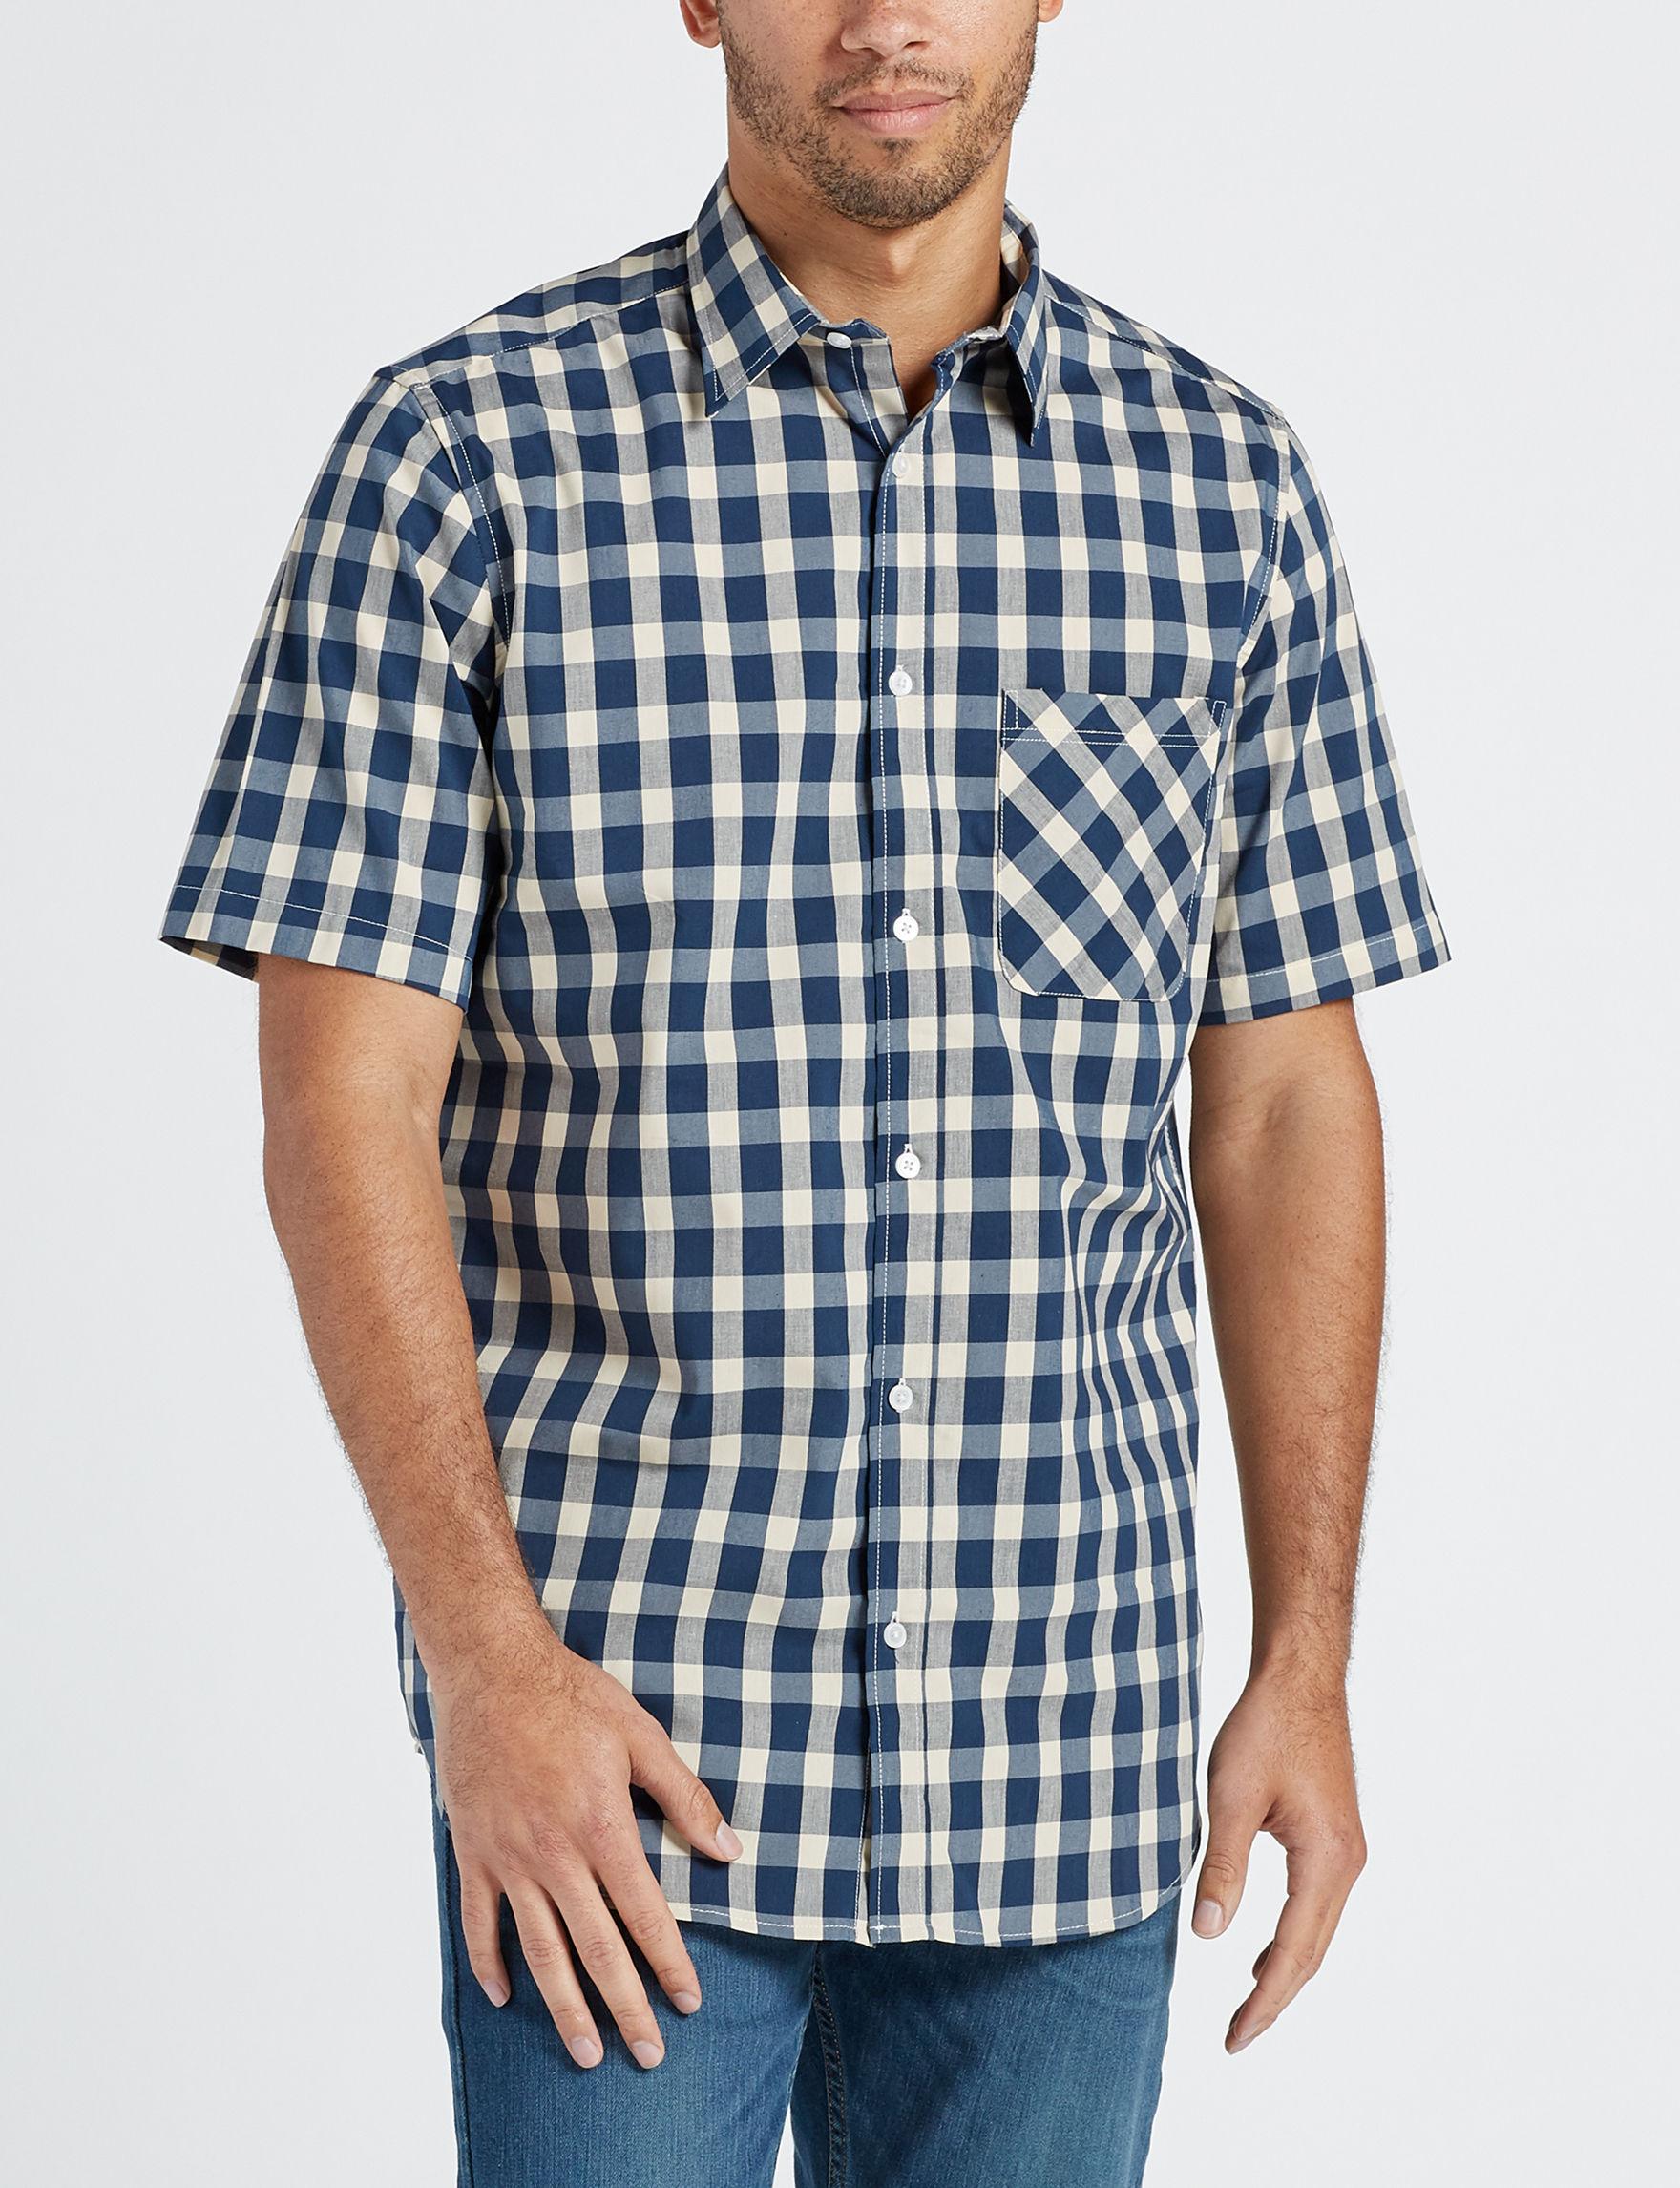 Sun River Blue / Plaid Casual Button Down Shirts